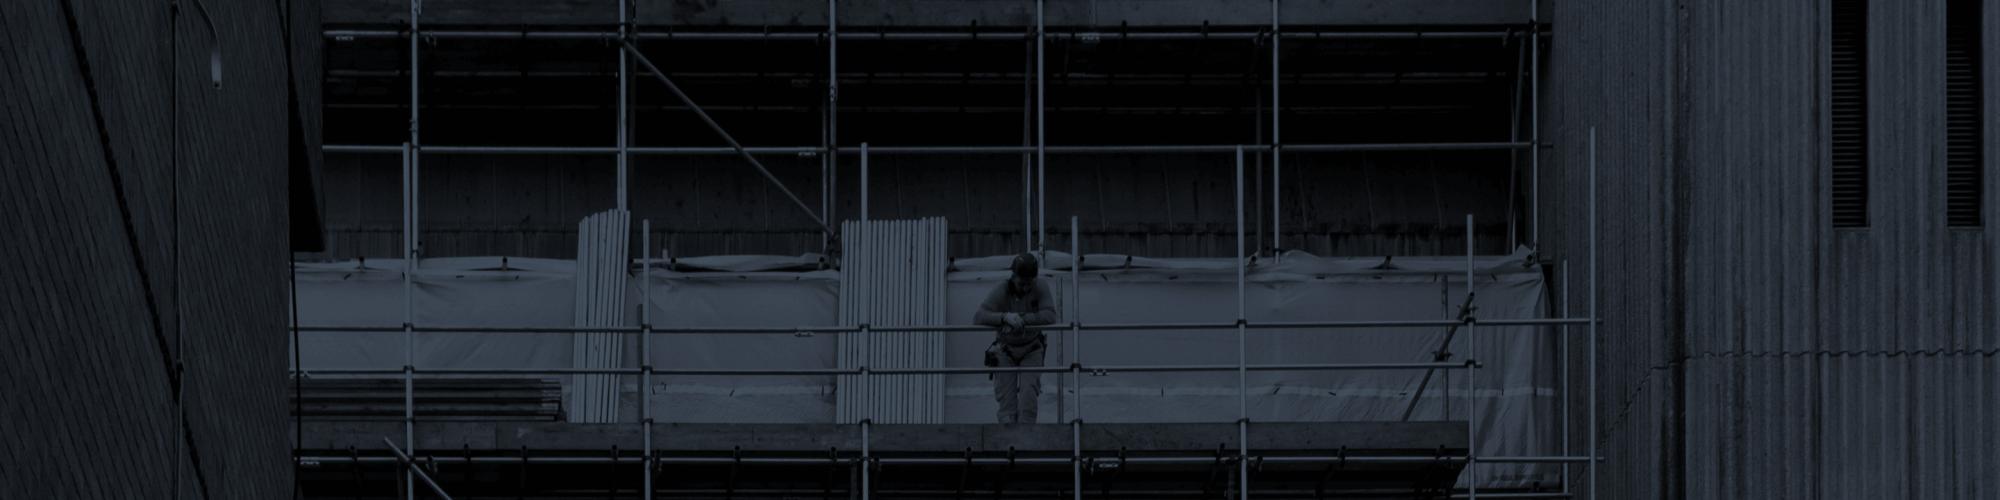 BSB Bau- und Spezialgerüstbau GmbH